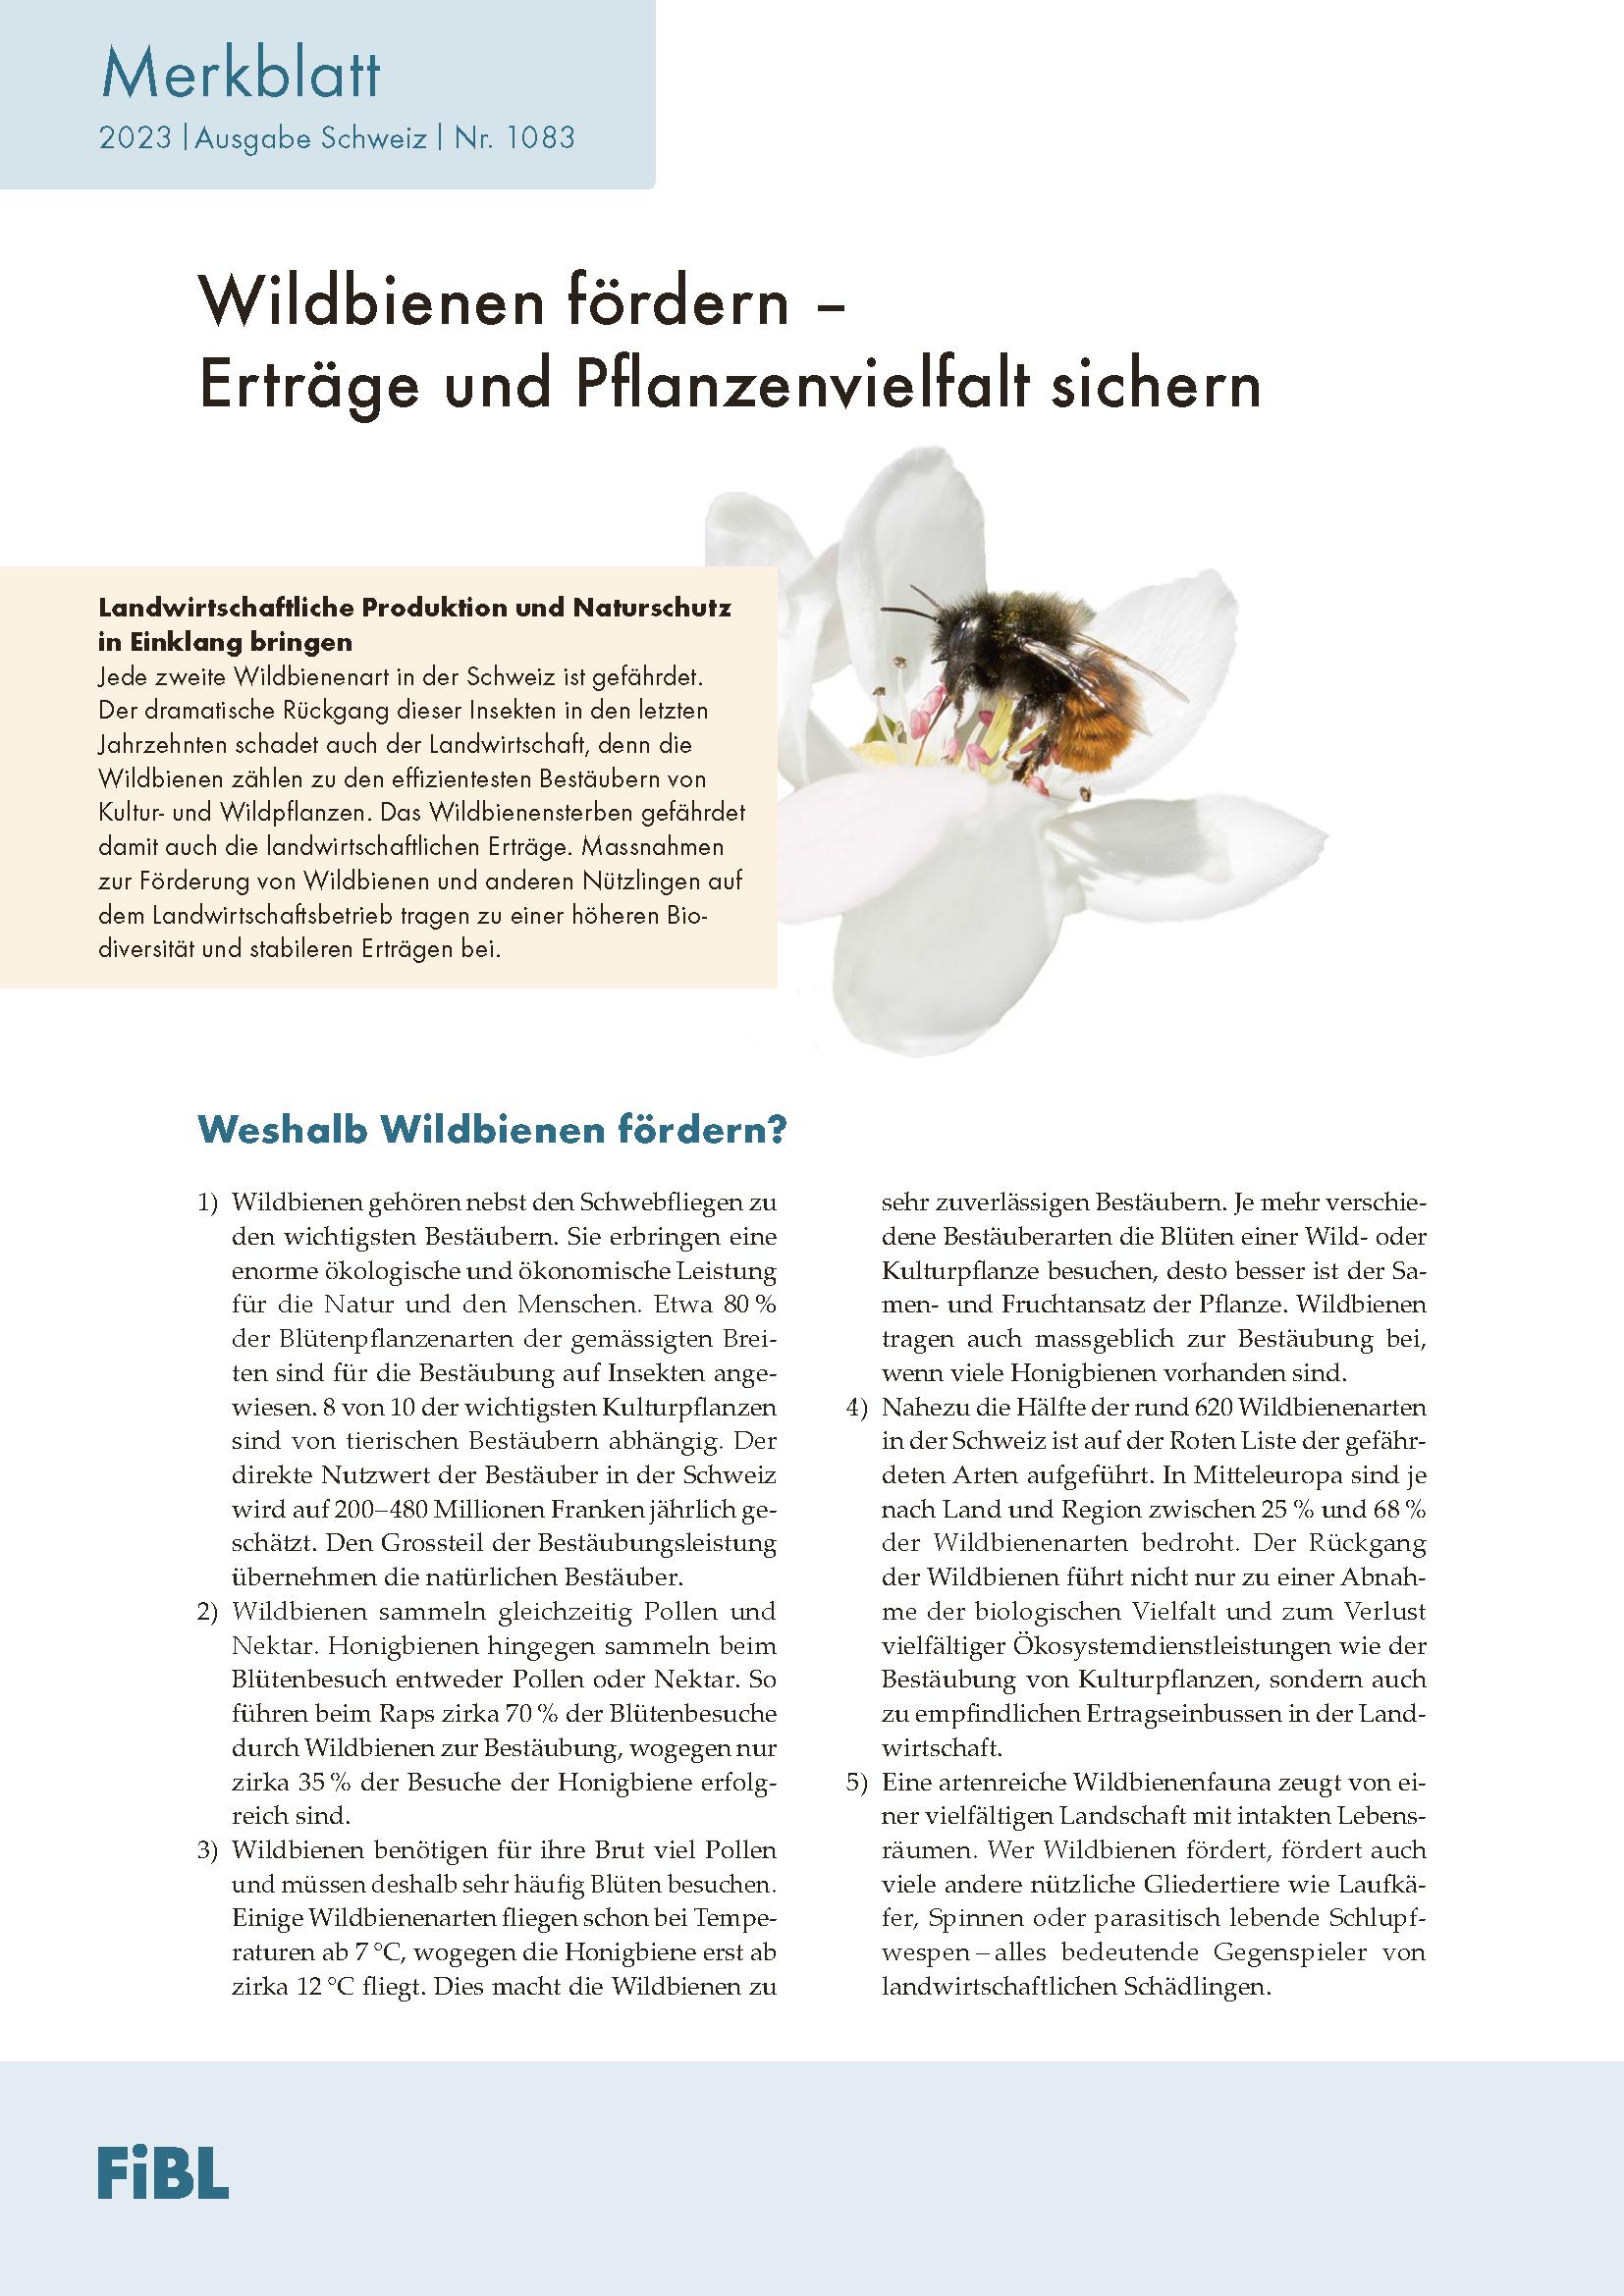 Wildbienen fördern – Erträge und Pflanzenvielfalt sichern